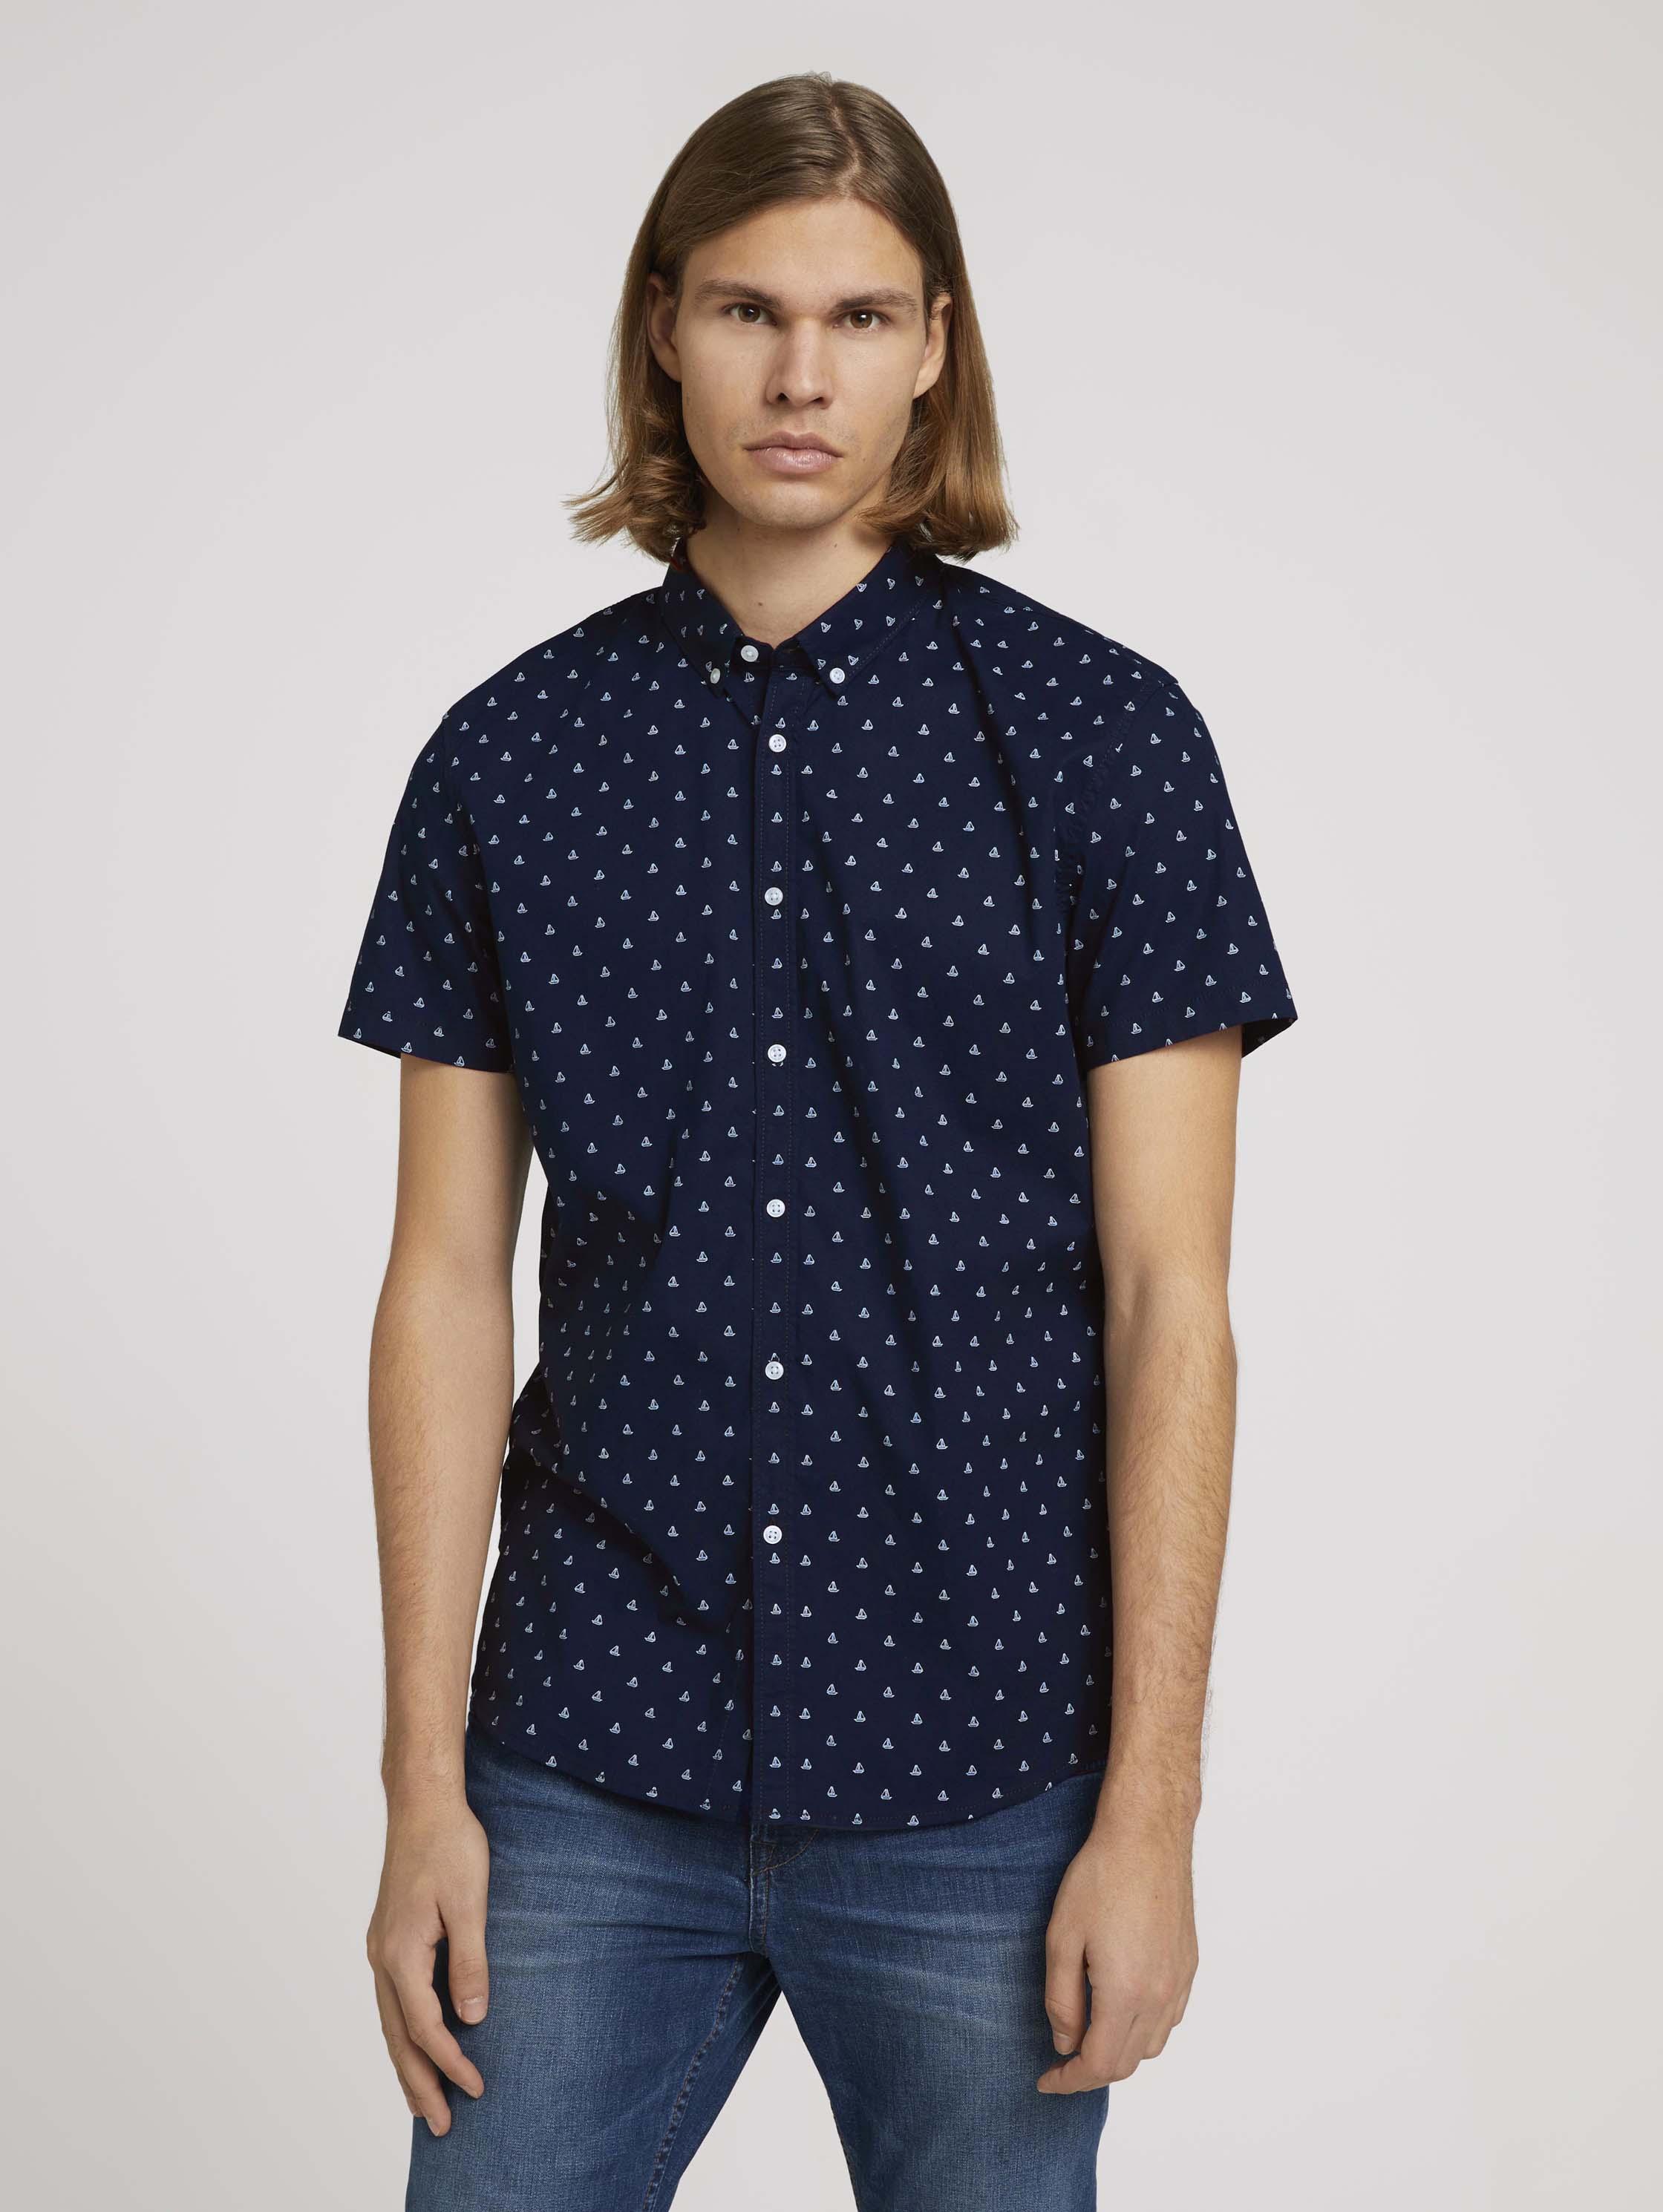 Рубашка мужская TOM TAILOR 1025169 синяя L